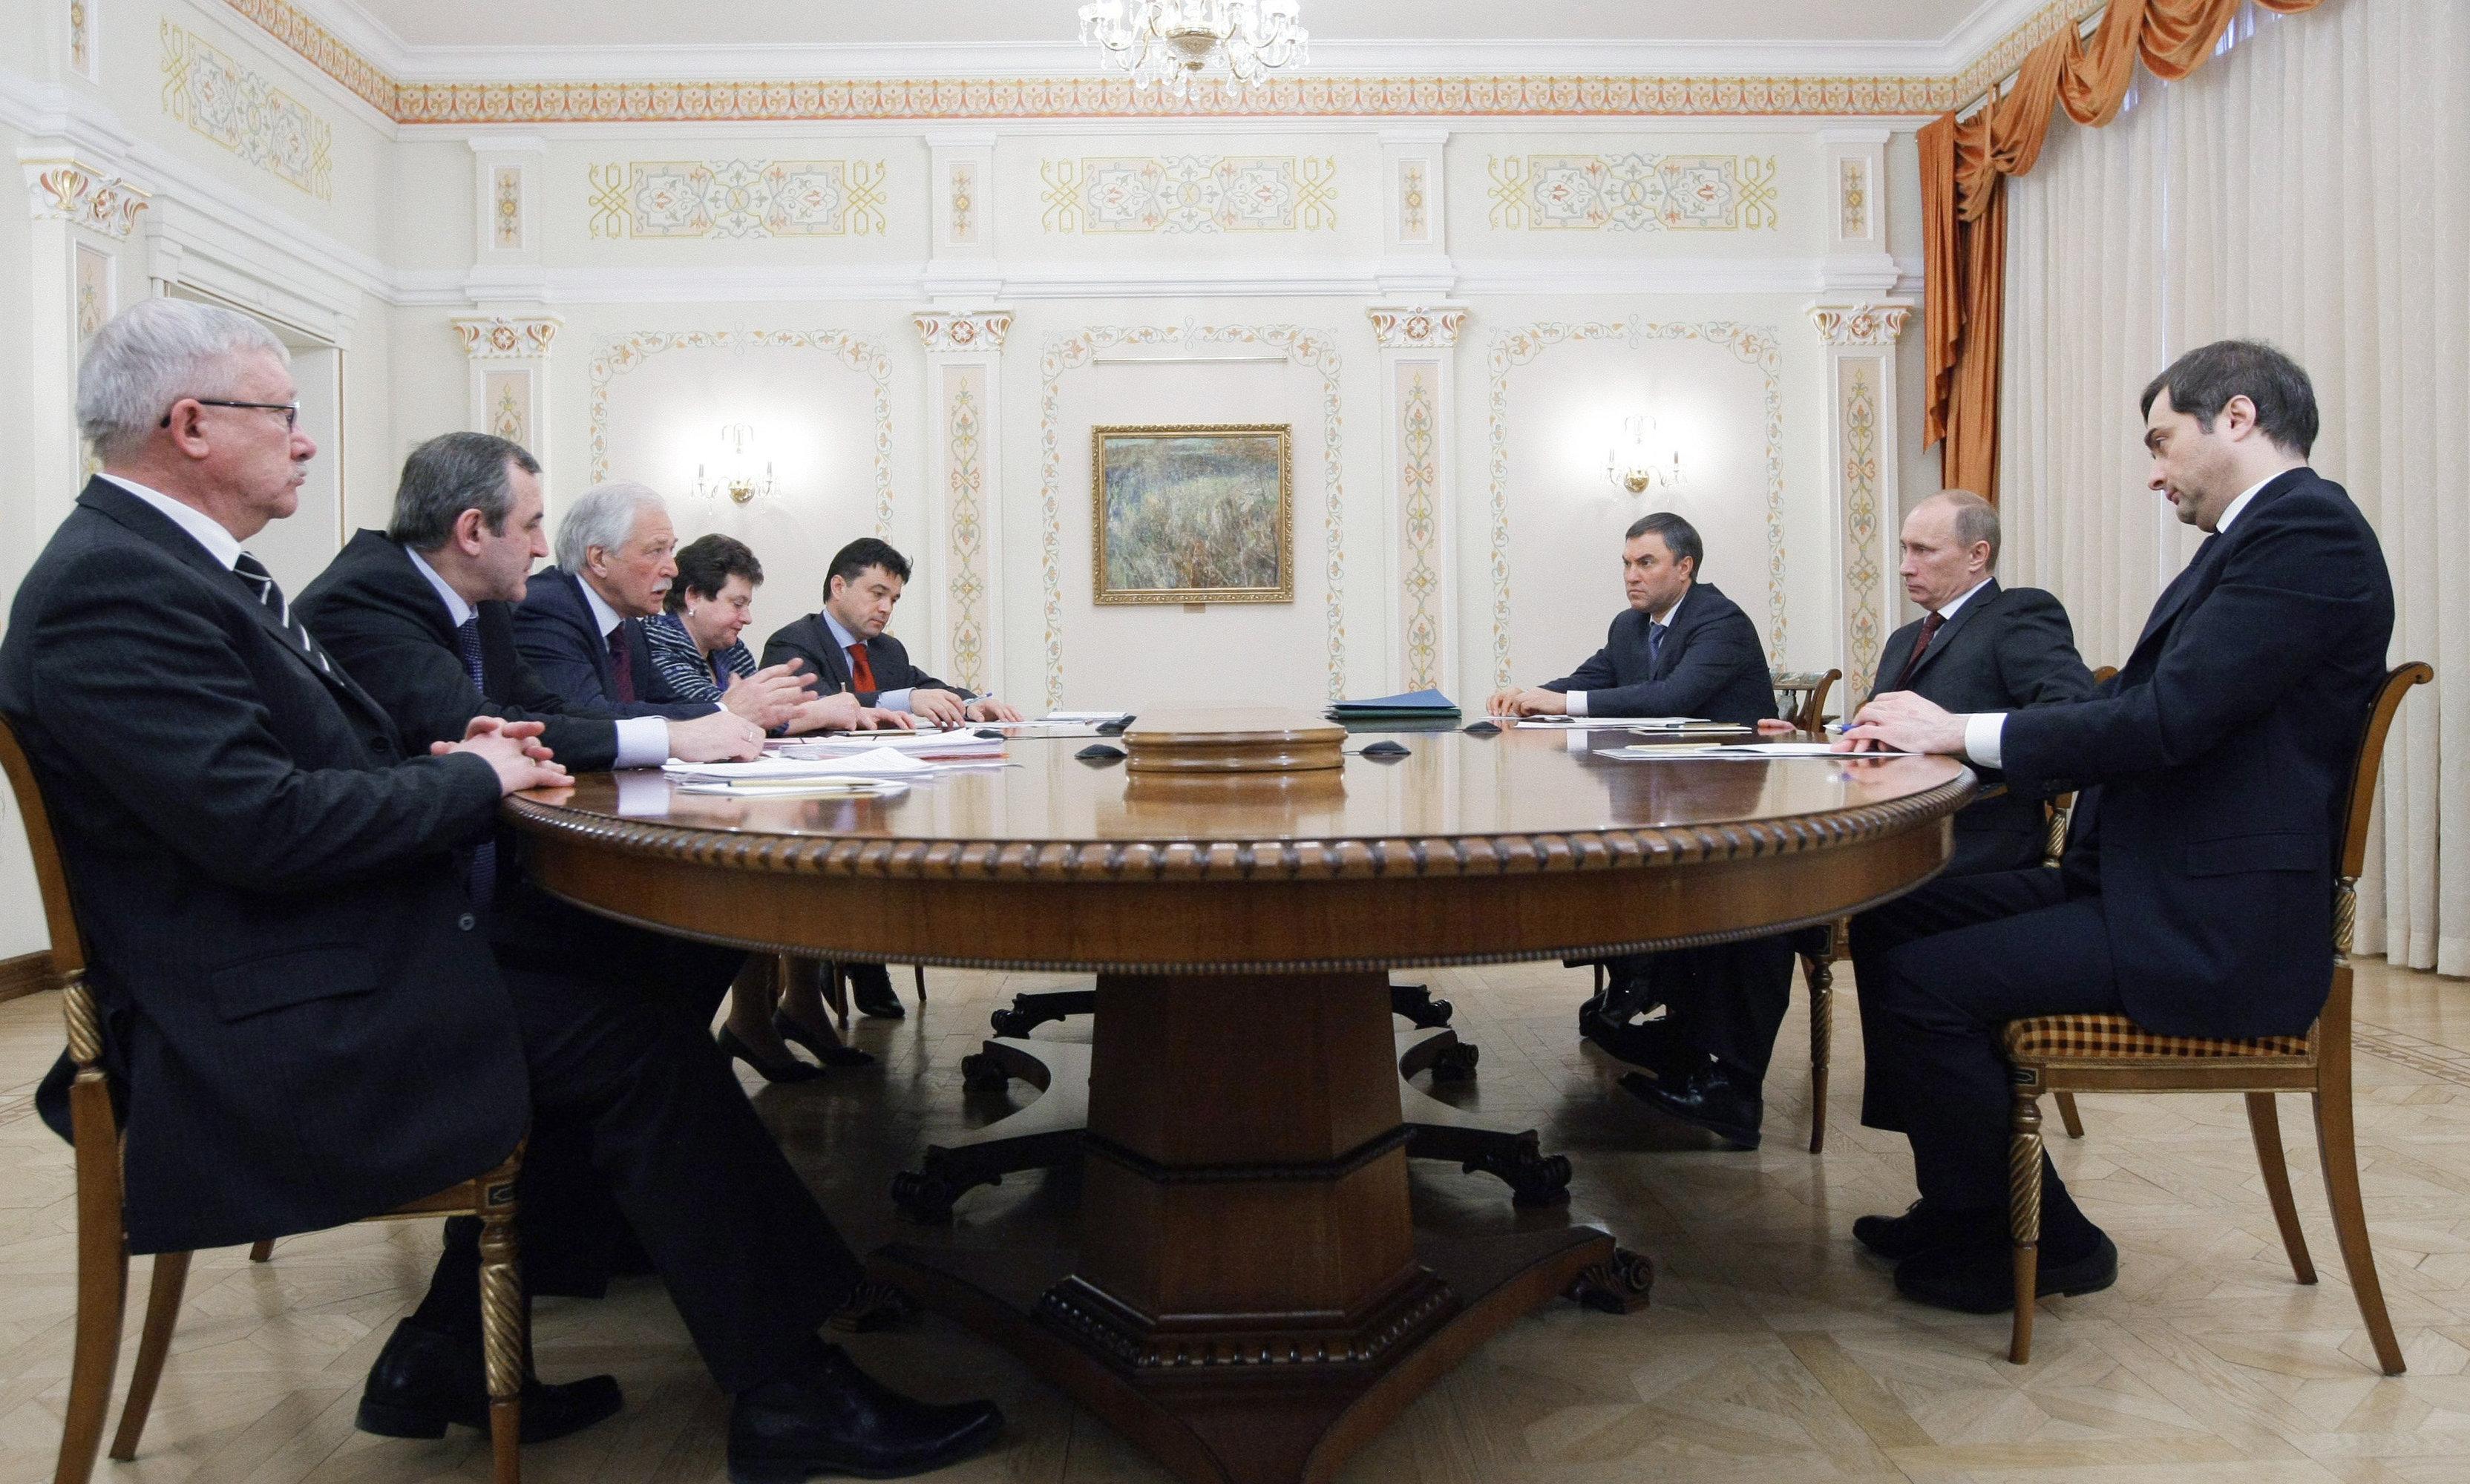 Премьер-министр РФ Владимир Путин встретился с руководством партии Единая Россия